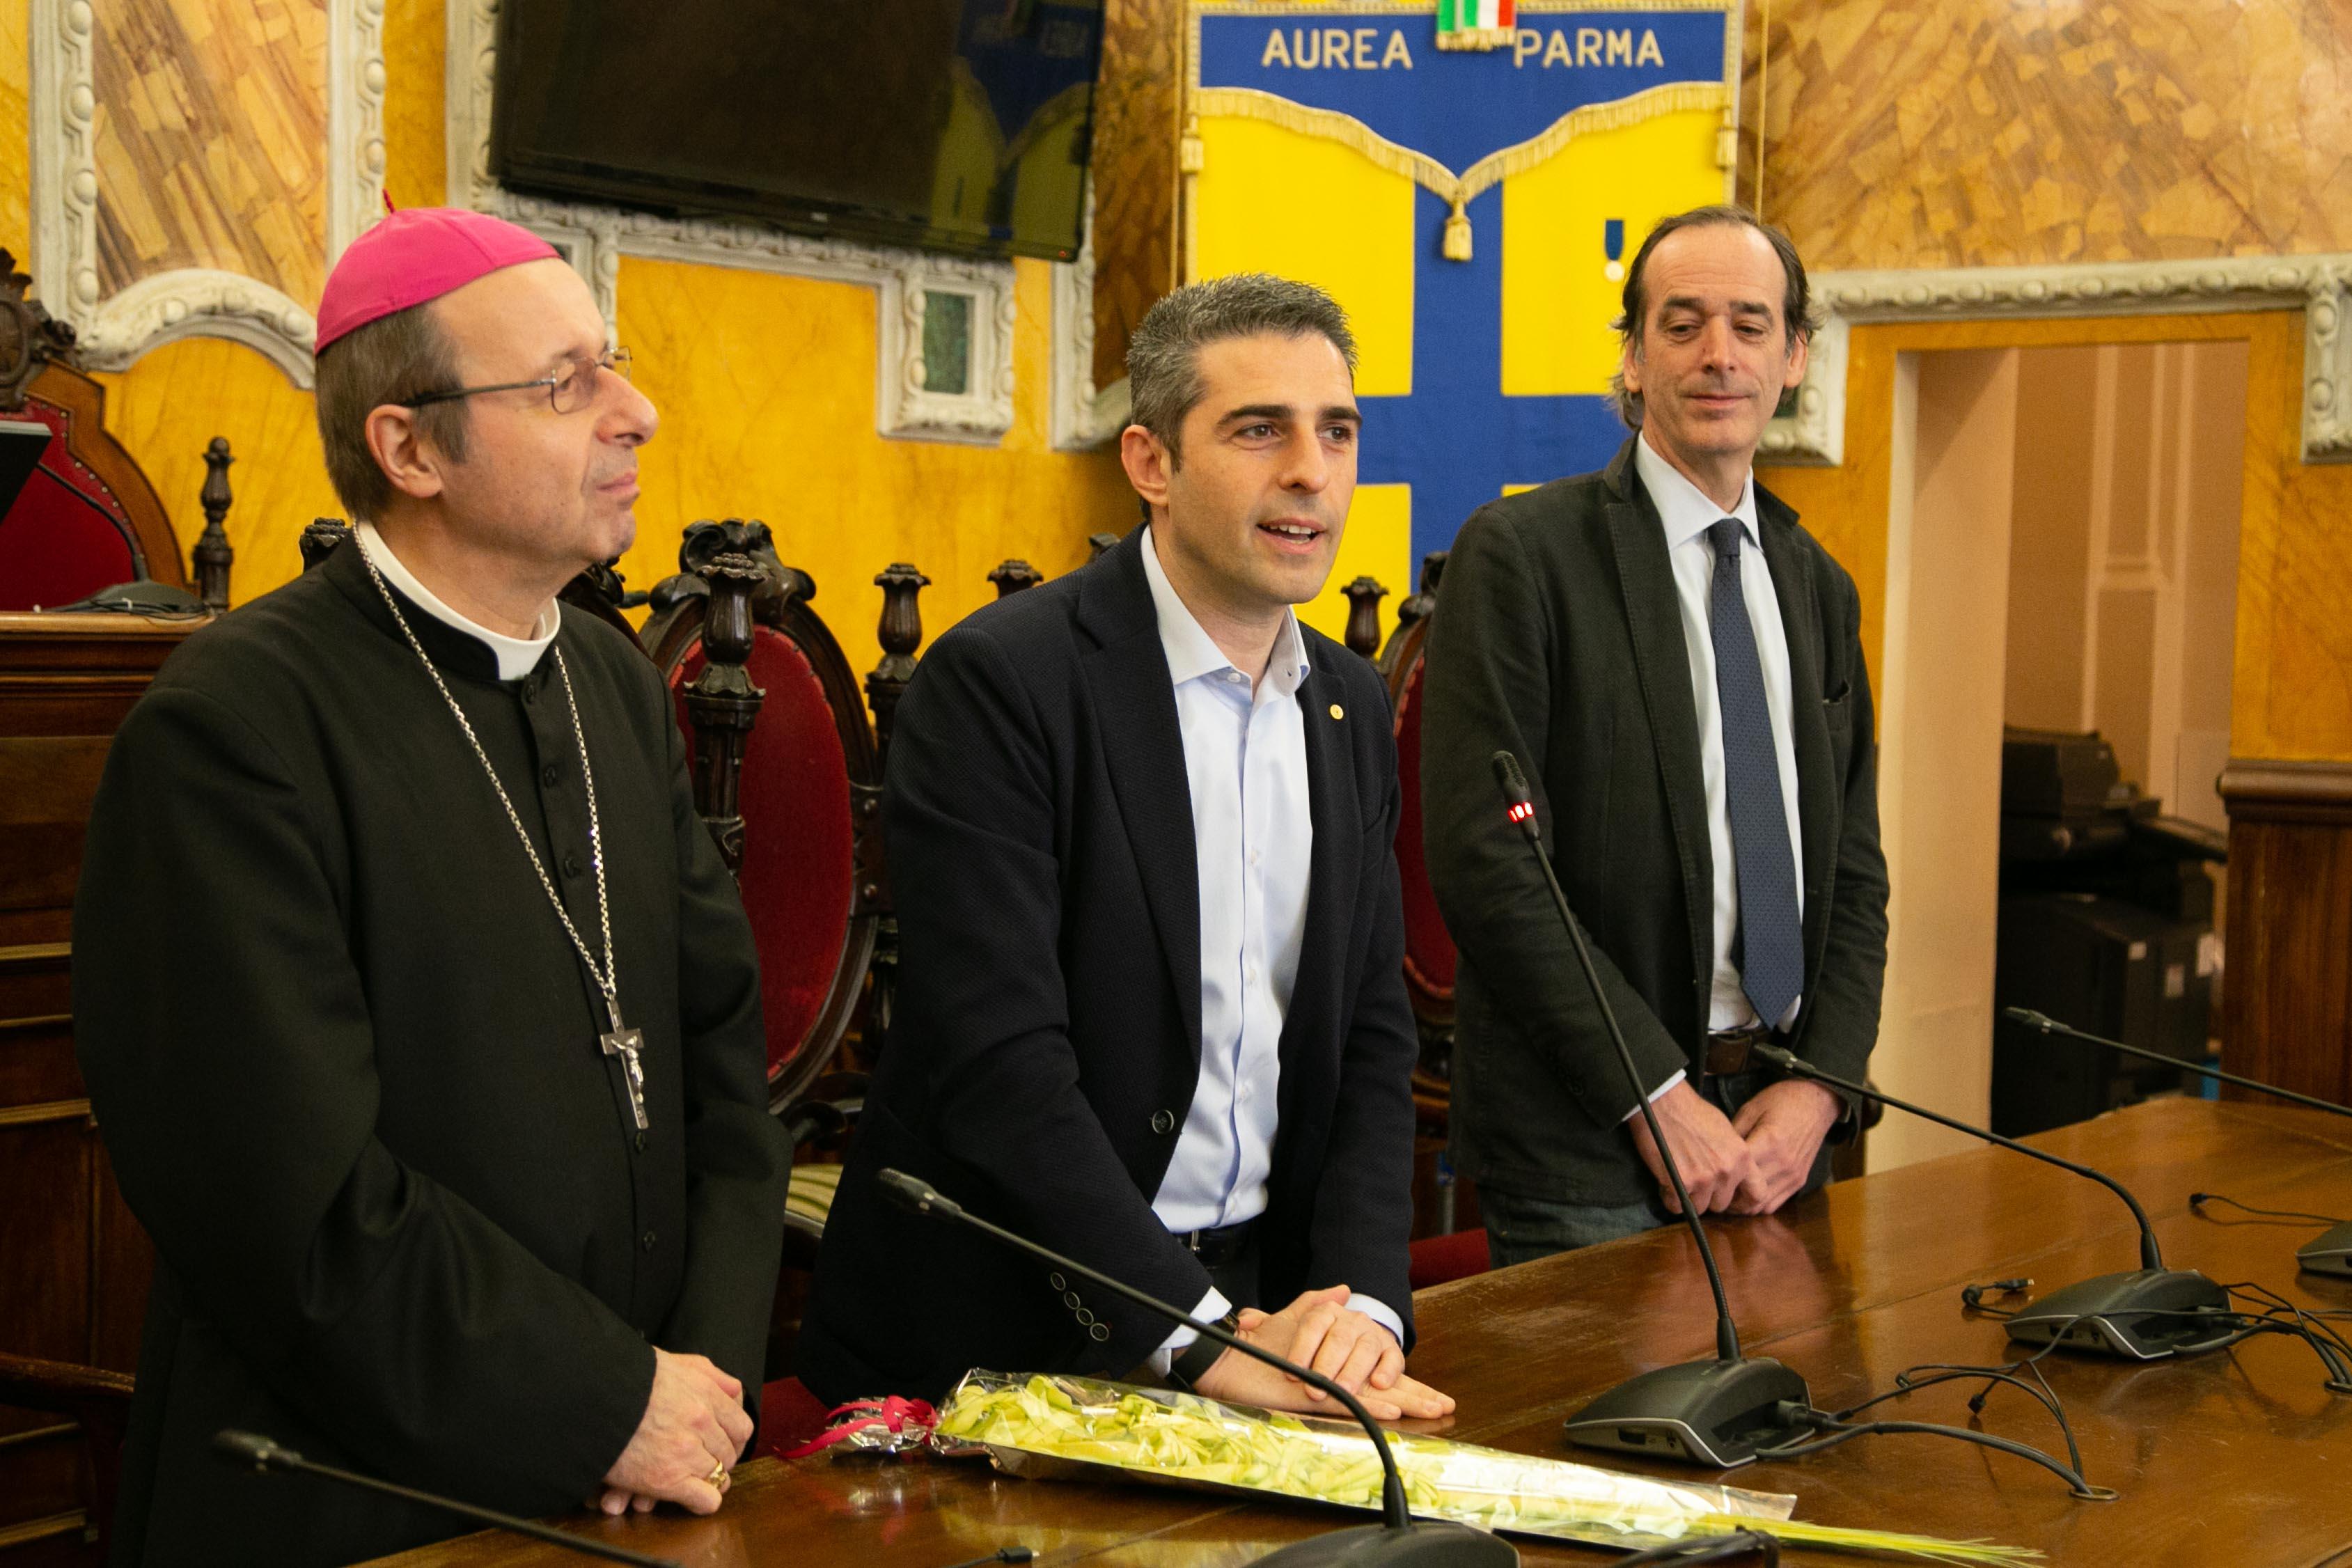 2019-04-15-Pizzarotti-Tassi-Carboni-benedizione-Vescovo-3